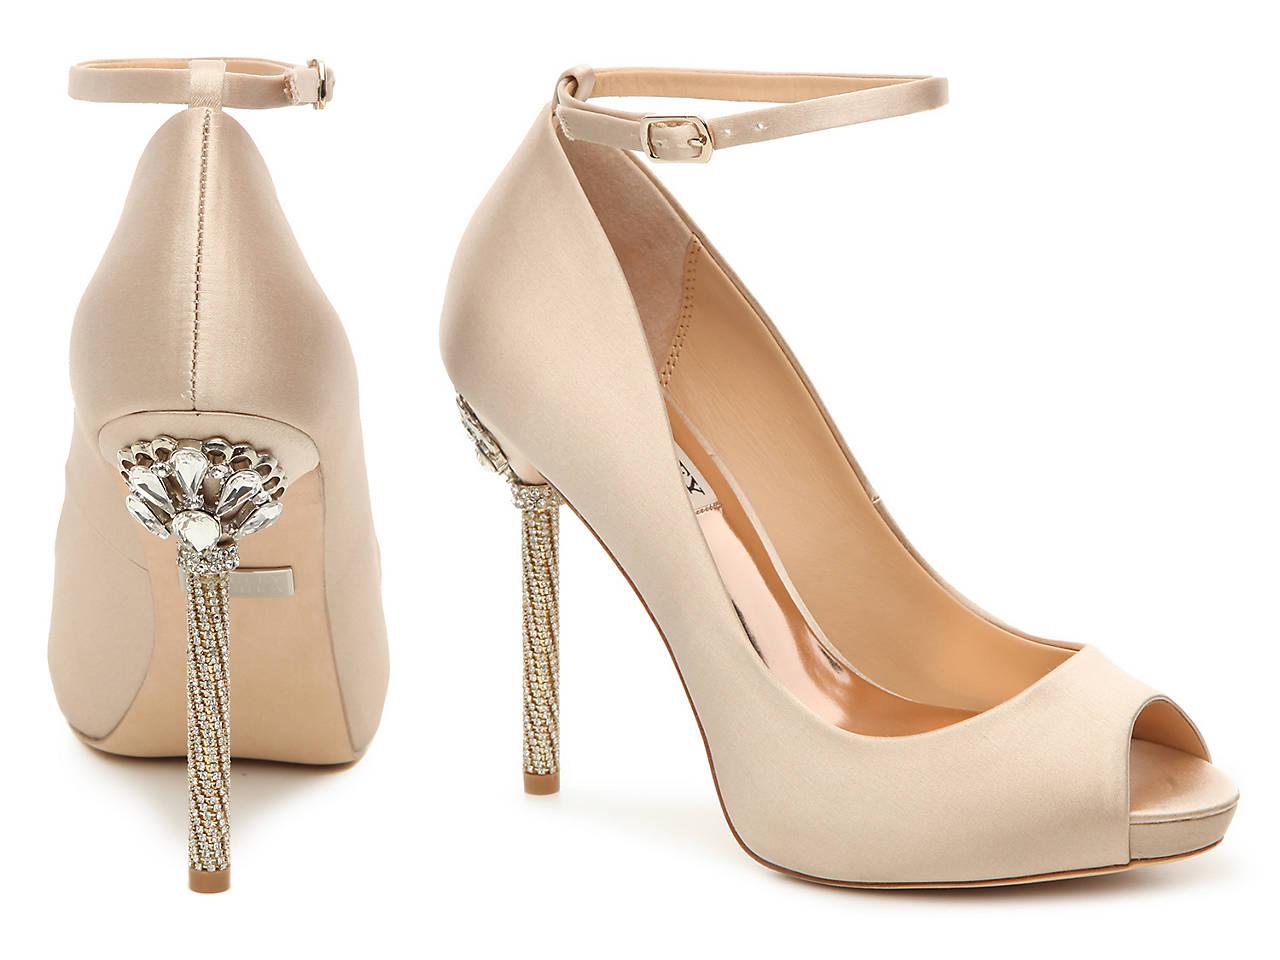 c5199c8df9014 Badgley Mischka Diego Platform Pump Women's Shoes | DSW